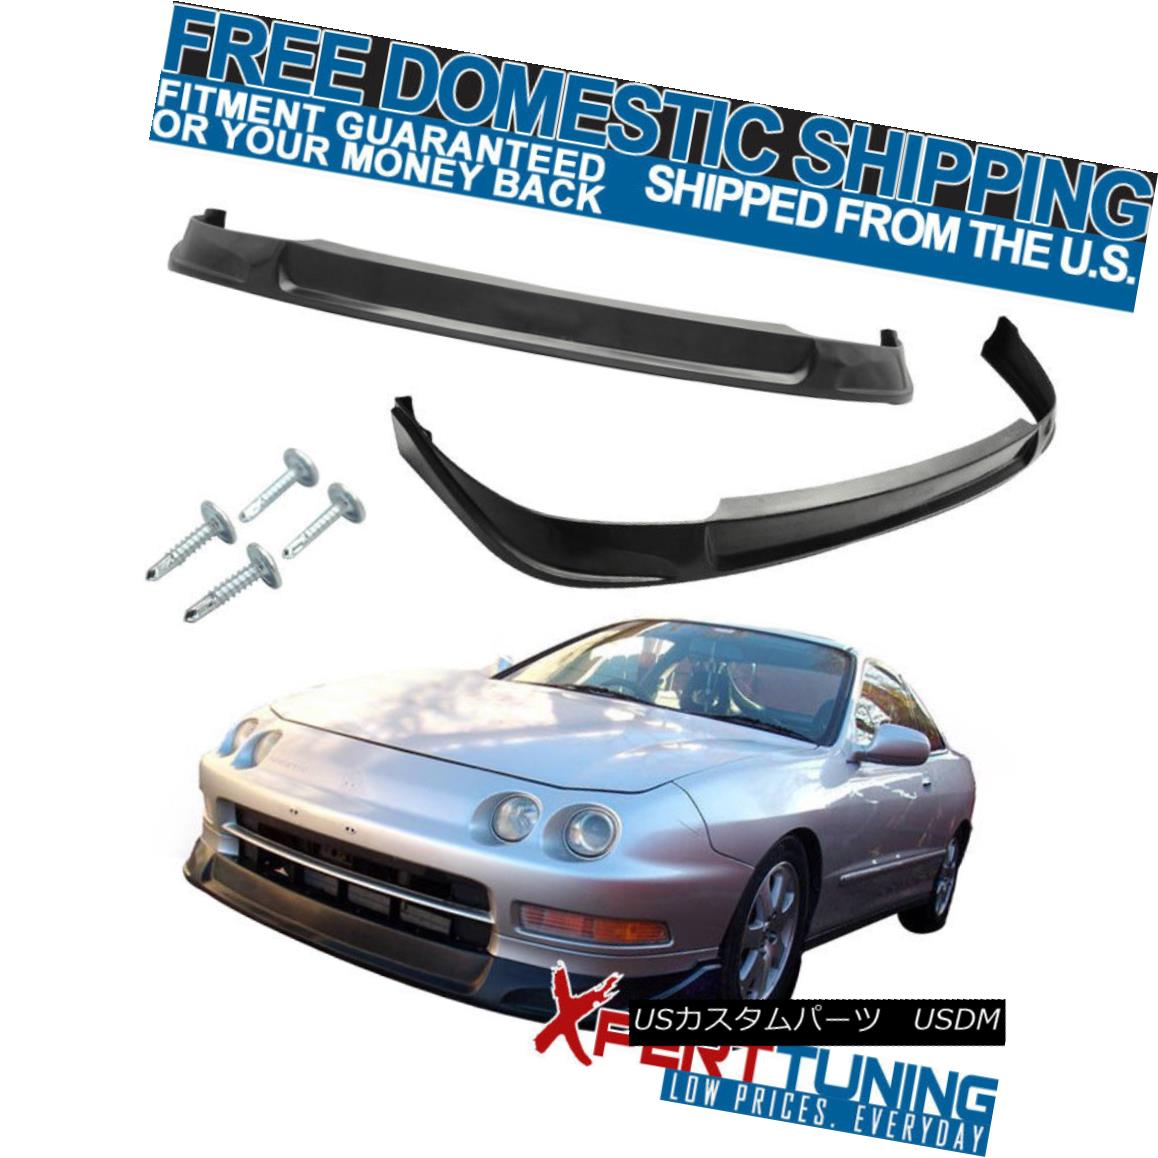 【良好品】 エアロパーツ Fit 94-97 Acura Integra Type C Front Bumper Lip Spoiler PU Black Add On フィット94-97アキュラインテグラタイプCフロントバンパーリップスポイラーPUブラック追加, 櫛田養鶏場 143787cb